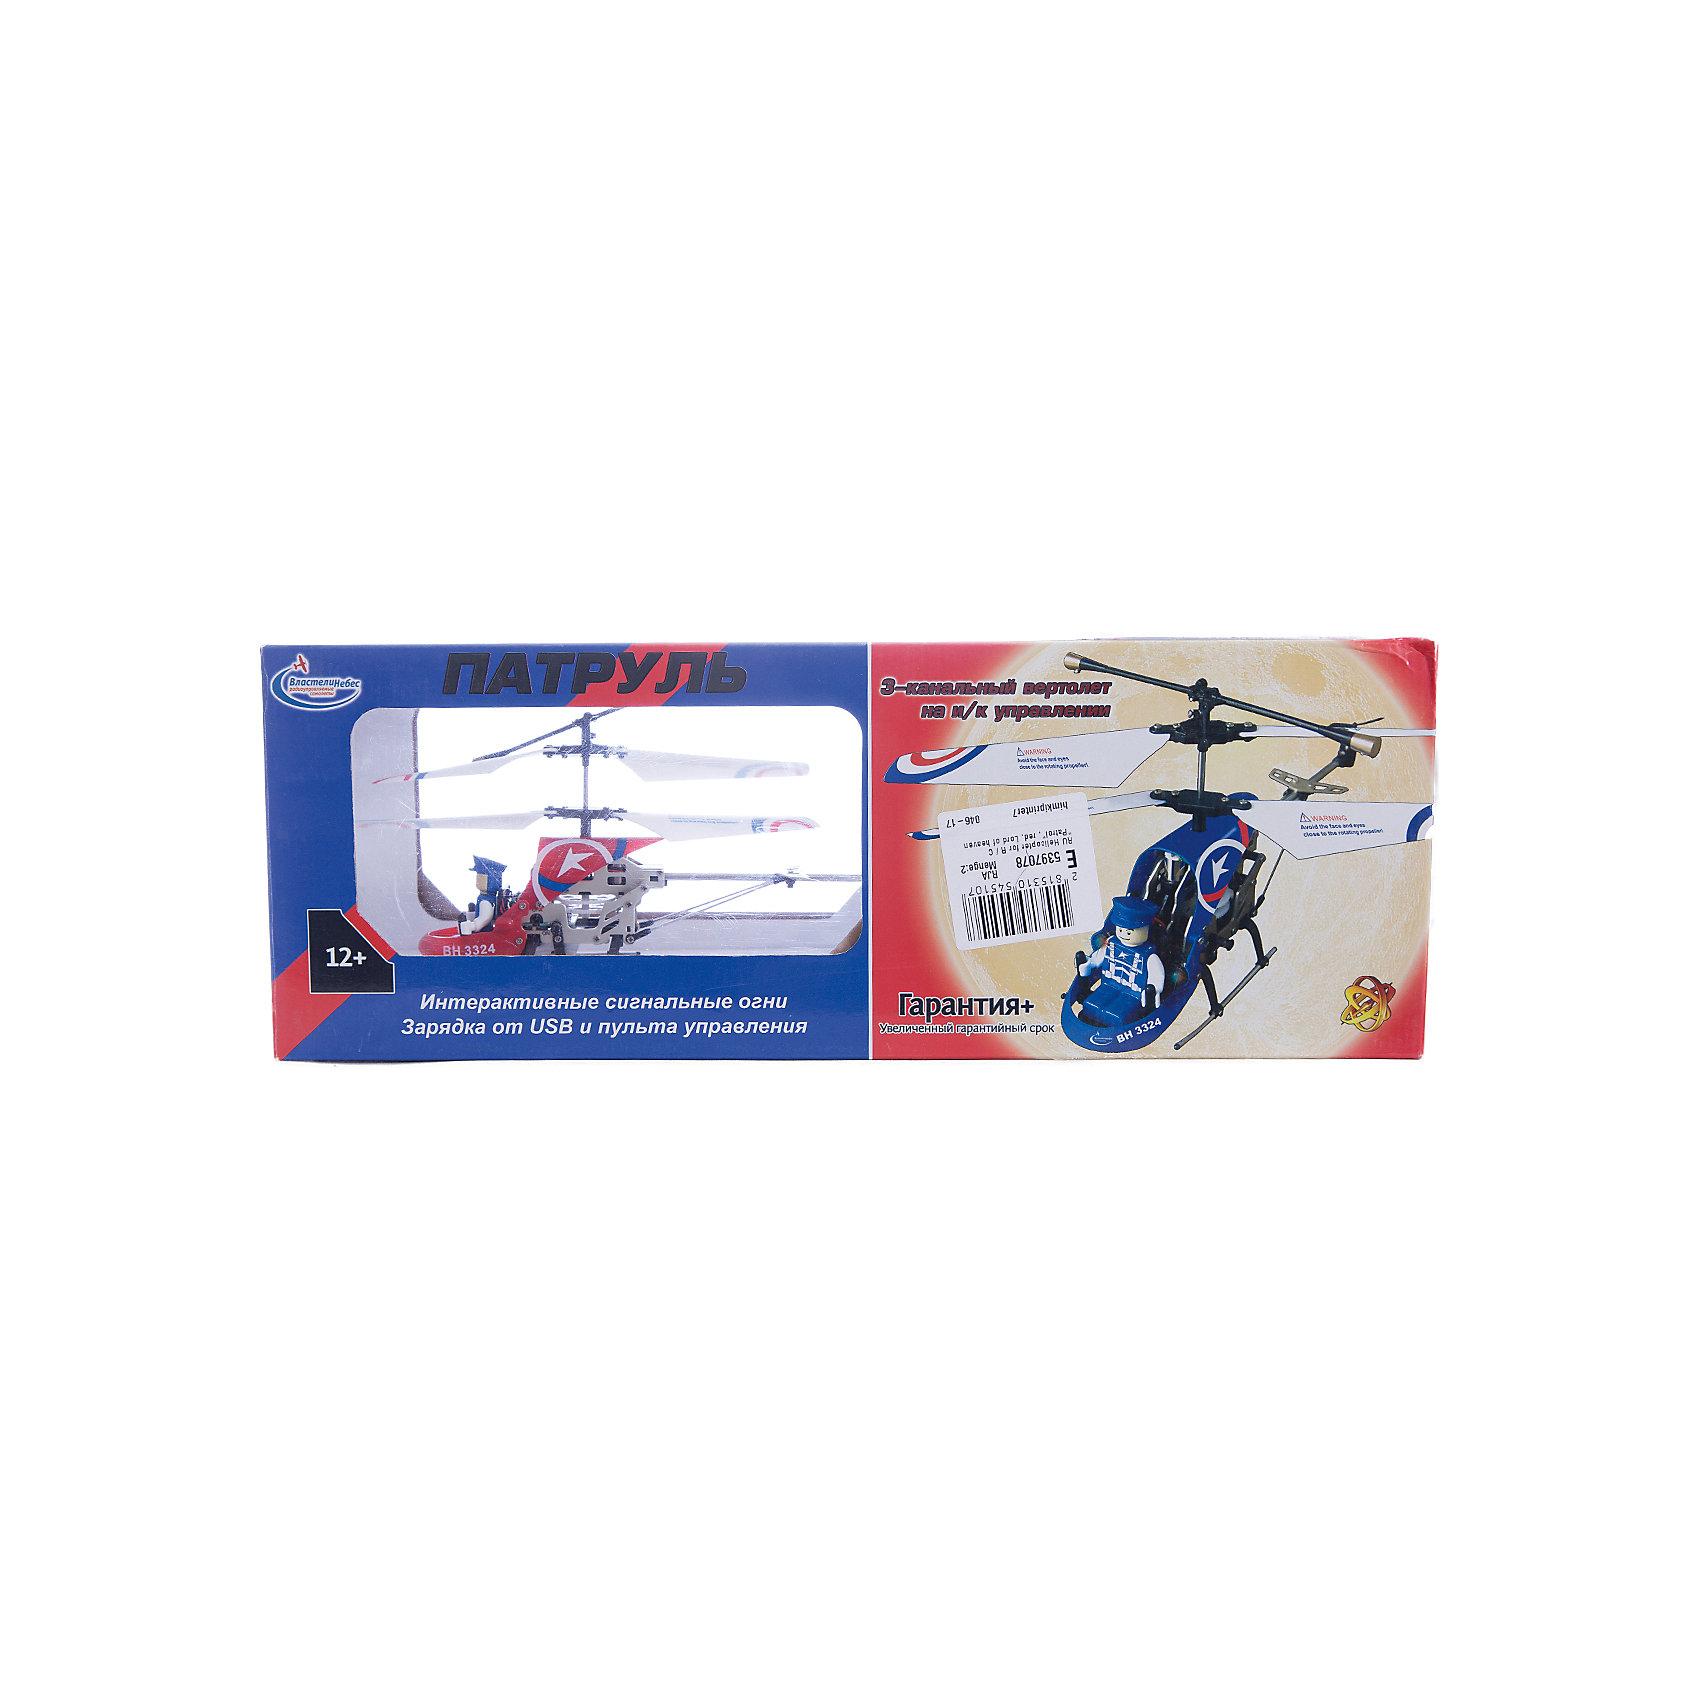 Вертолет на р/у Патруль, красный, Властелин небесРадиоуправляемый транспорт<br>Вертолет на р/у Патруль, красный, Властелин небес<br><br>Характеристики:<br><br>• вы можете управлять вертолетом на расстоянии до 10 метров<br>• вертолёт летает вверх, вниз, назад, вперёд, а также может зависать в воздухе и совершать повороты<br>• сигнальные огни позволяют совершать полеты в темное время суток<br>• заряжается с помощью USB кабеля<br>• размер вертолета: 21х5х9 см<br>• батарейки: АА - 6 шт. (не входят в комплект) <br>• размер упаковки: 39х14х10 см<br>• в комплекте: вертолет, пульт управления, USB кабель, две запасные лопасти, инструкция<br>• цвет: красный<br><br>Игрушки на радиоуправлении - мечта многих мальчишек. Вертолет от Властелин небес позволит вам осуществить мечту ребенка. Им можно управлять на расстоянии до 10 метров! Вертолет может летать вниз, вверх, в стороны, а также совершать захватывающие повороты и зависать в воздухе. Кроме того, вертолет оснащен светящимися сигнальными огнями, которые сделают игрушку заметной в темноте. За штурвалом находится пилот, в форме и фуражке в тон вертолета. Такой замечательный вертолет никогда не даст ребенку заскучать!<br><br>Игрушка заряжается с помощью USB кабеля, для работы необходимы батарейки АА (6 штук).<br><br>Вертолет на р/у Патруль, красный, Властелин небес можно купить в нашем интернет-магазине.<br><br>Ширина мм: 95<br>Глубина мм: 390<br>Высота мм: 140<br>Вес г: 540<br>Возраст от месяцев: 144<br>Возраст до месяцев: 2147483647<br>Пол: Мужской<br>Возраст: Детский<br>SKU: 5397078